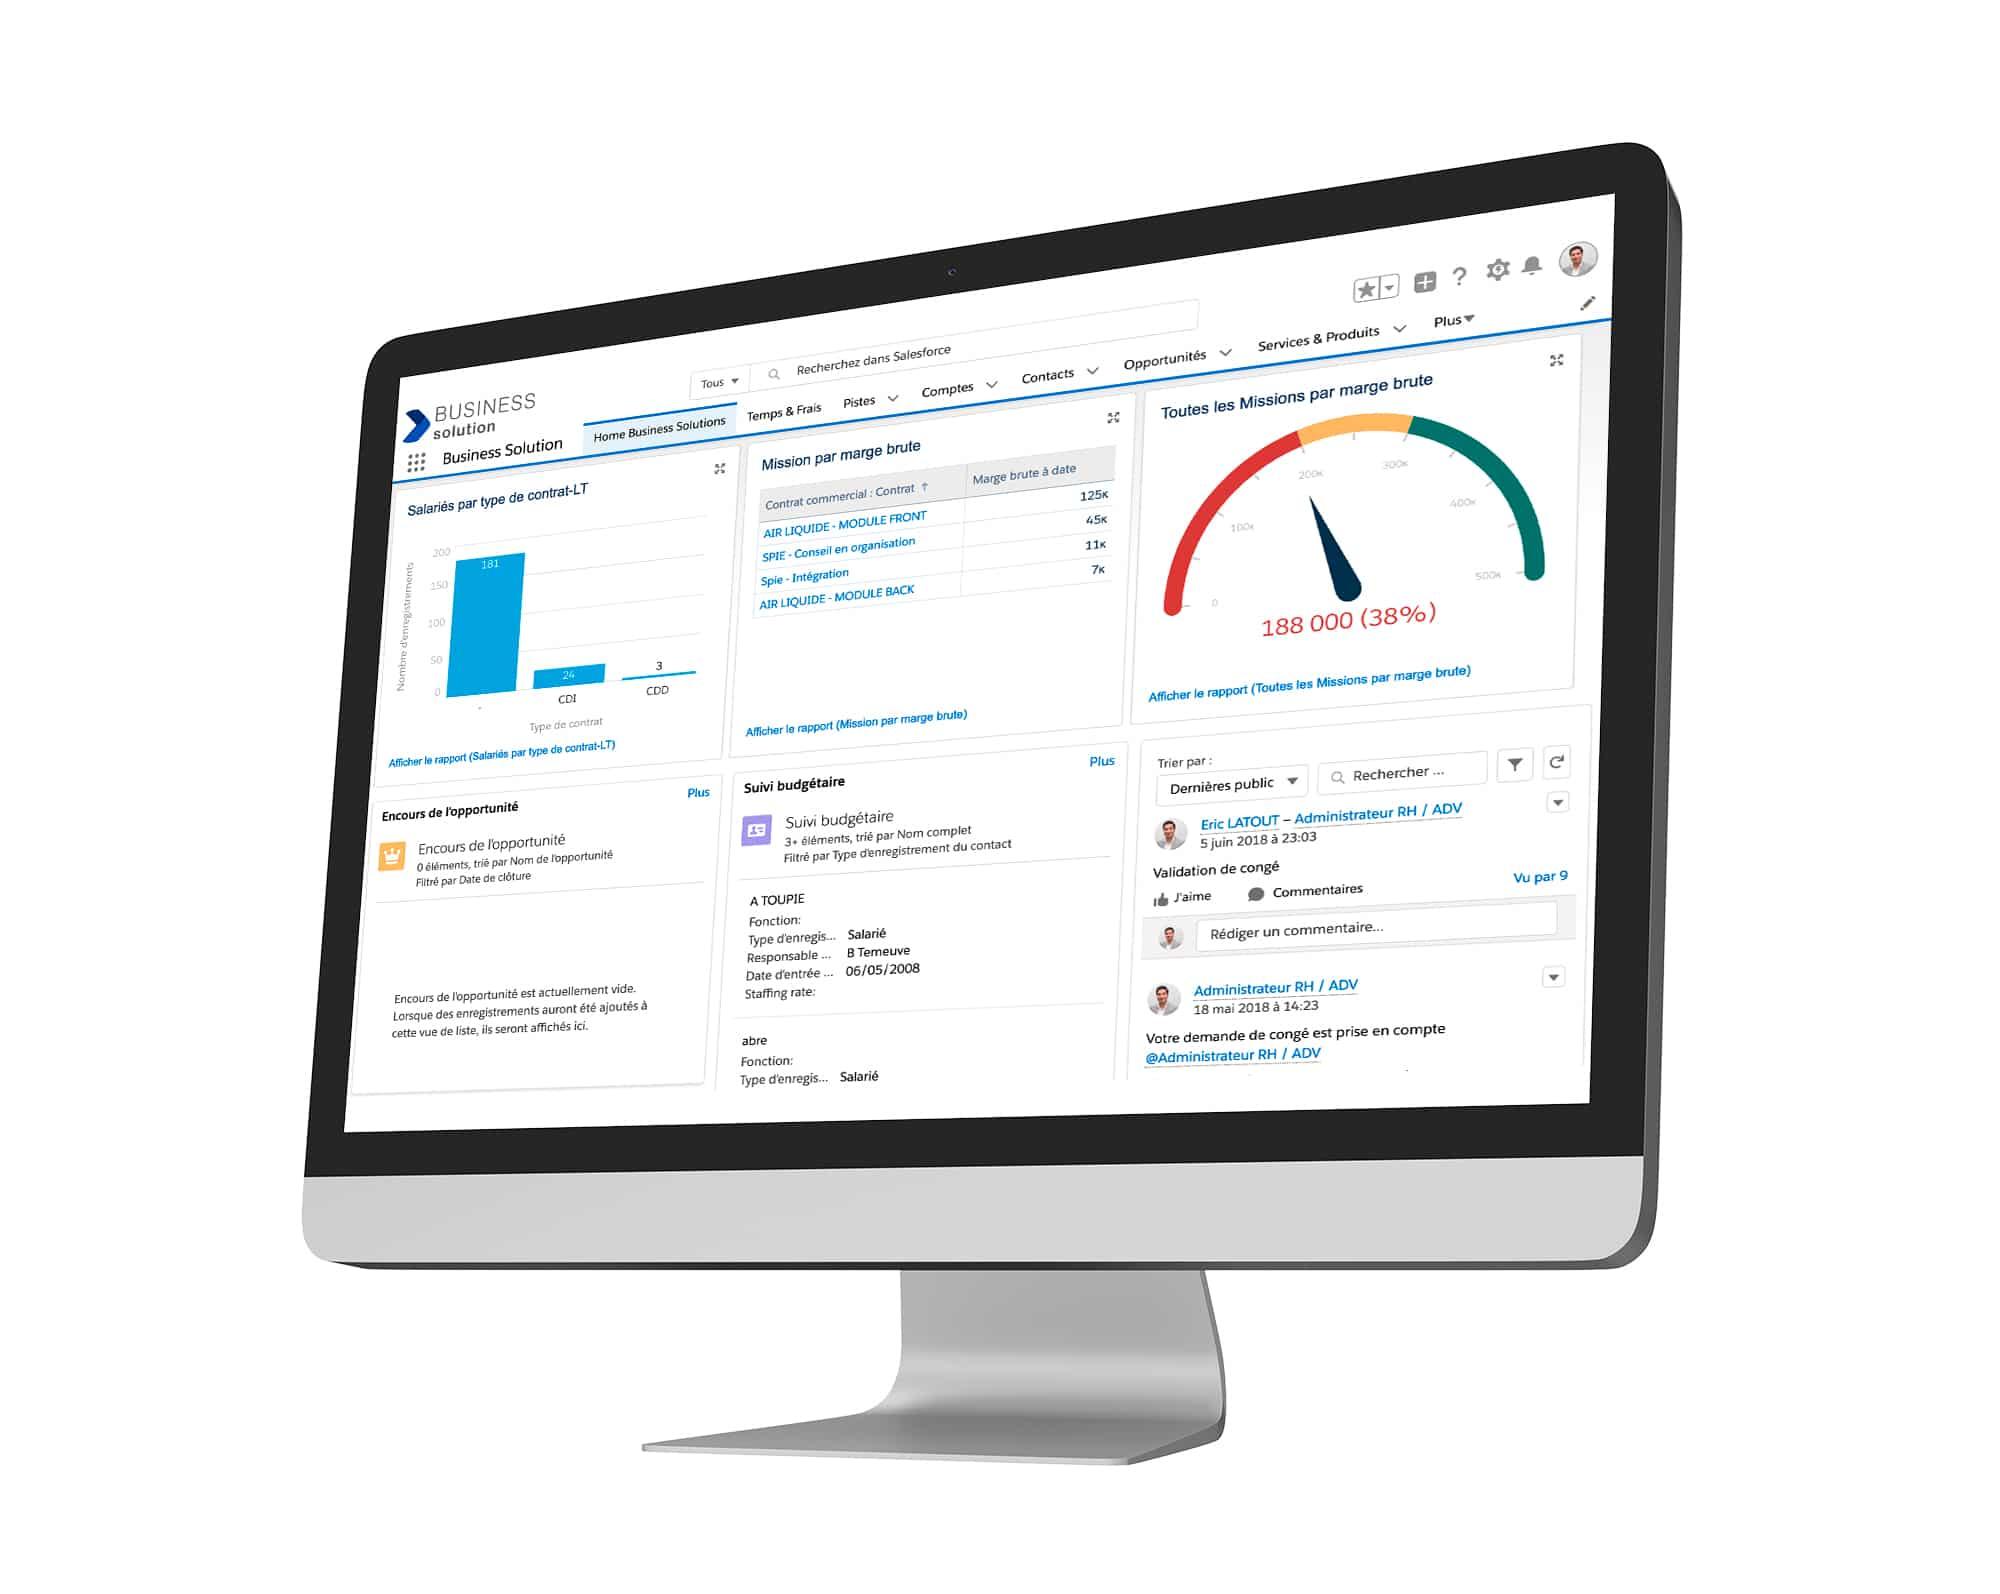 mockup sur desktop du back office de l'application pilotage et rentabilité